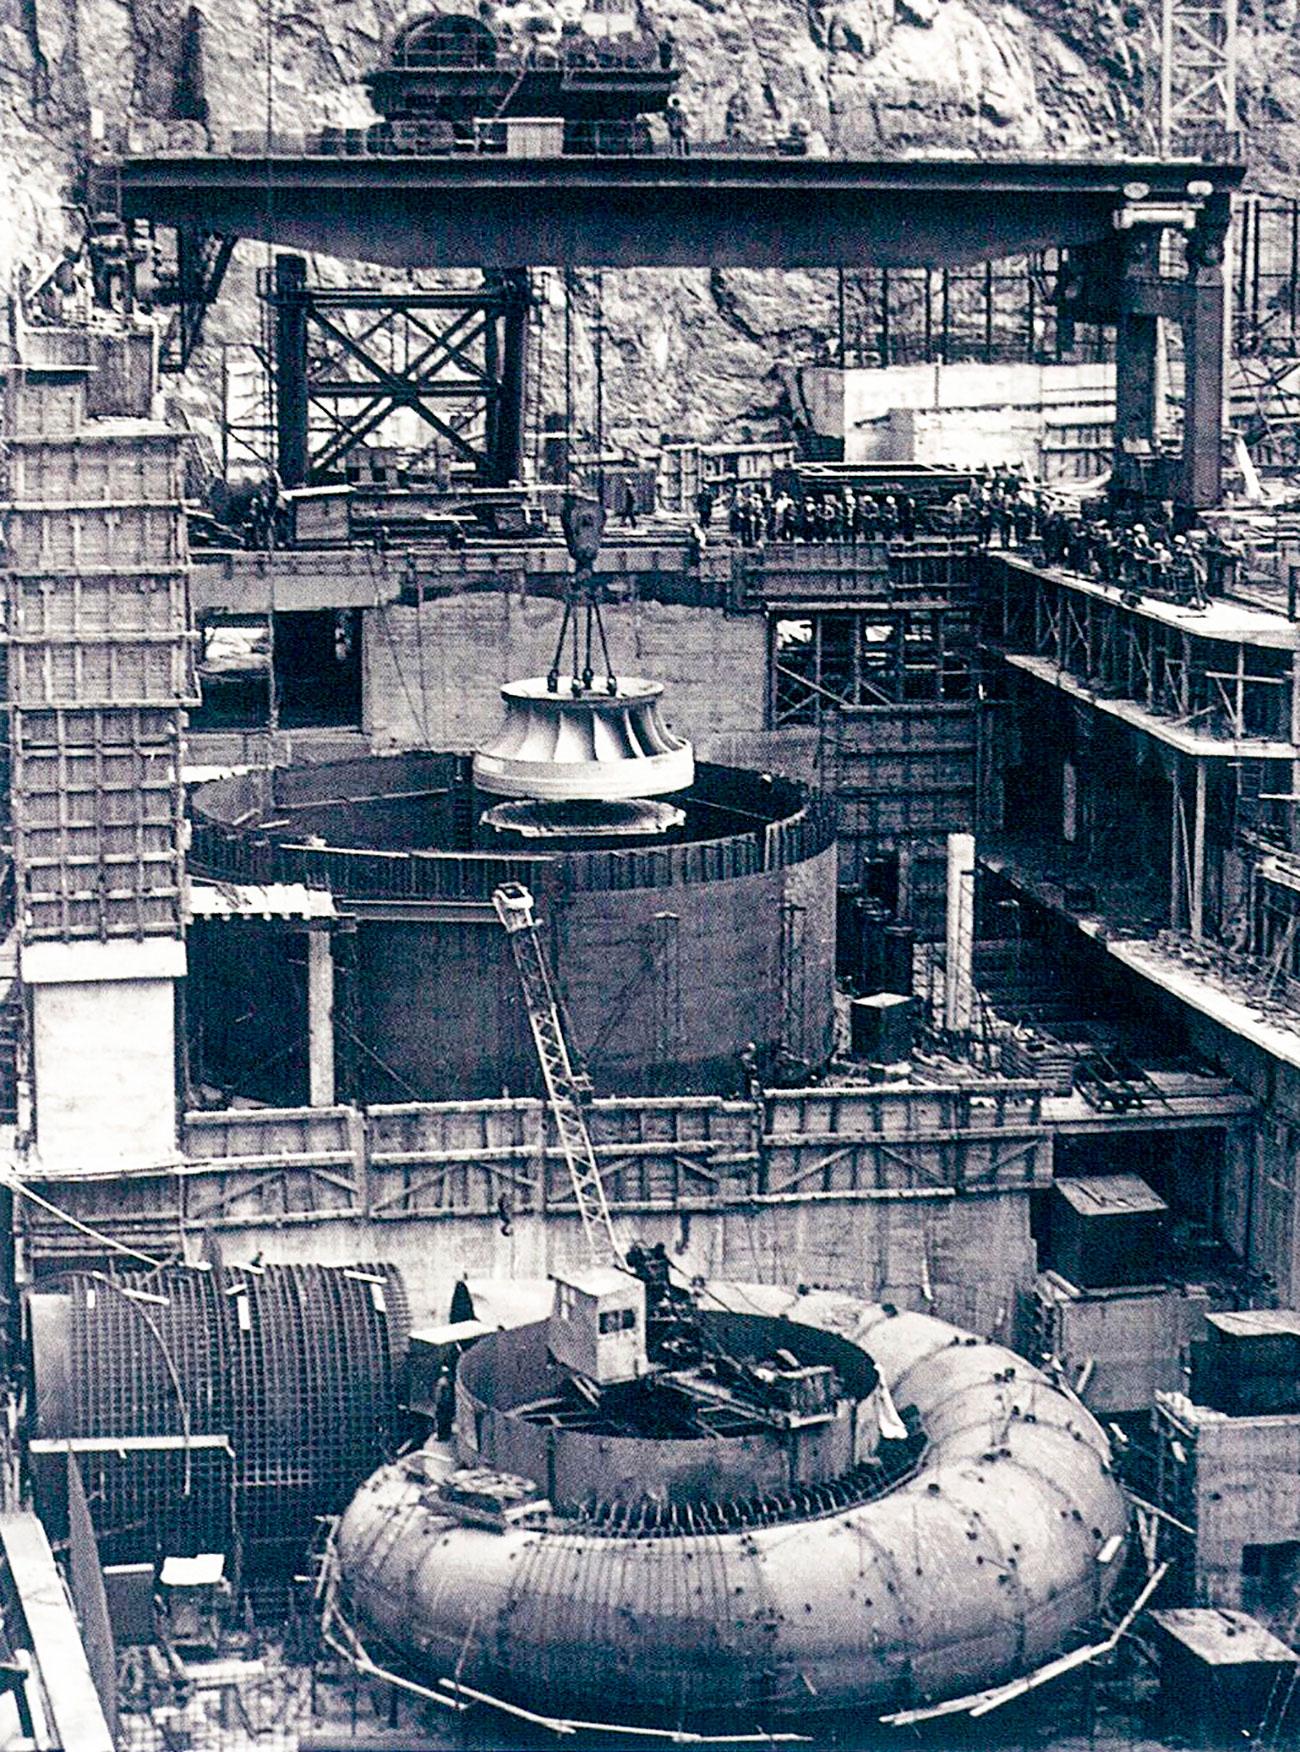 L'usine a toujours voulu être « la plus grande et la plus puissante ». En 1977, elle lança la fabrication de groupes hydrauliques et ses machines se répandirent rapidement à travers le monde.